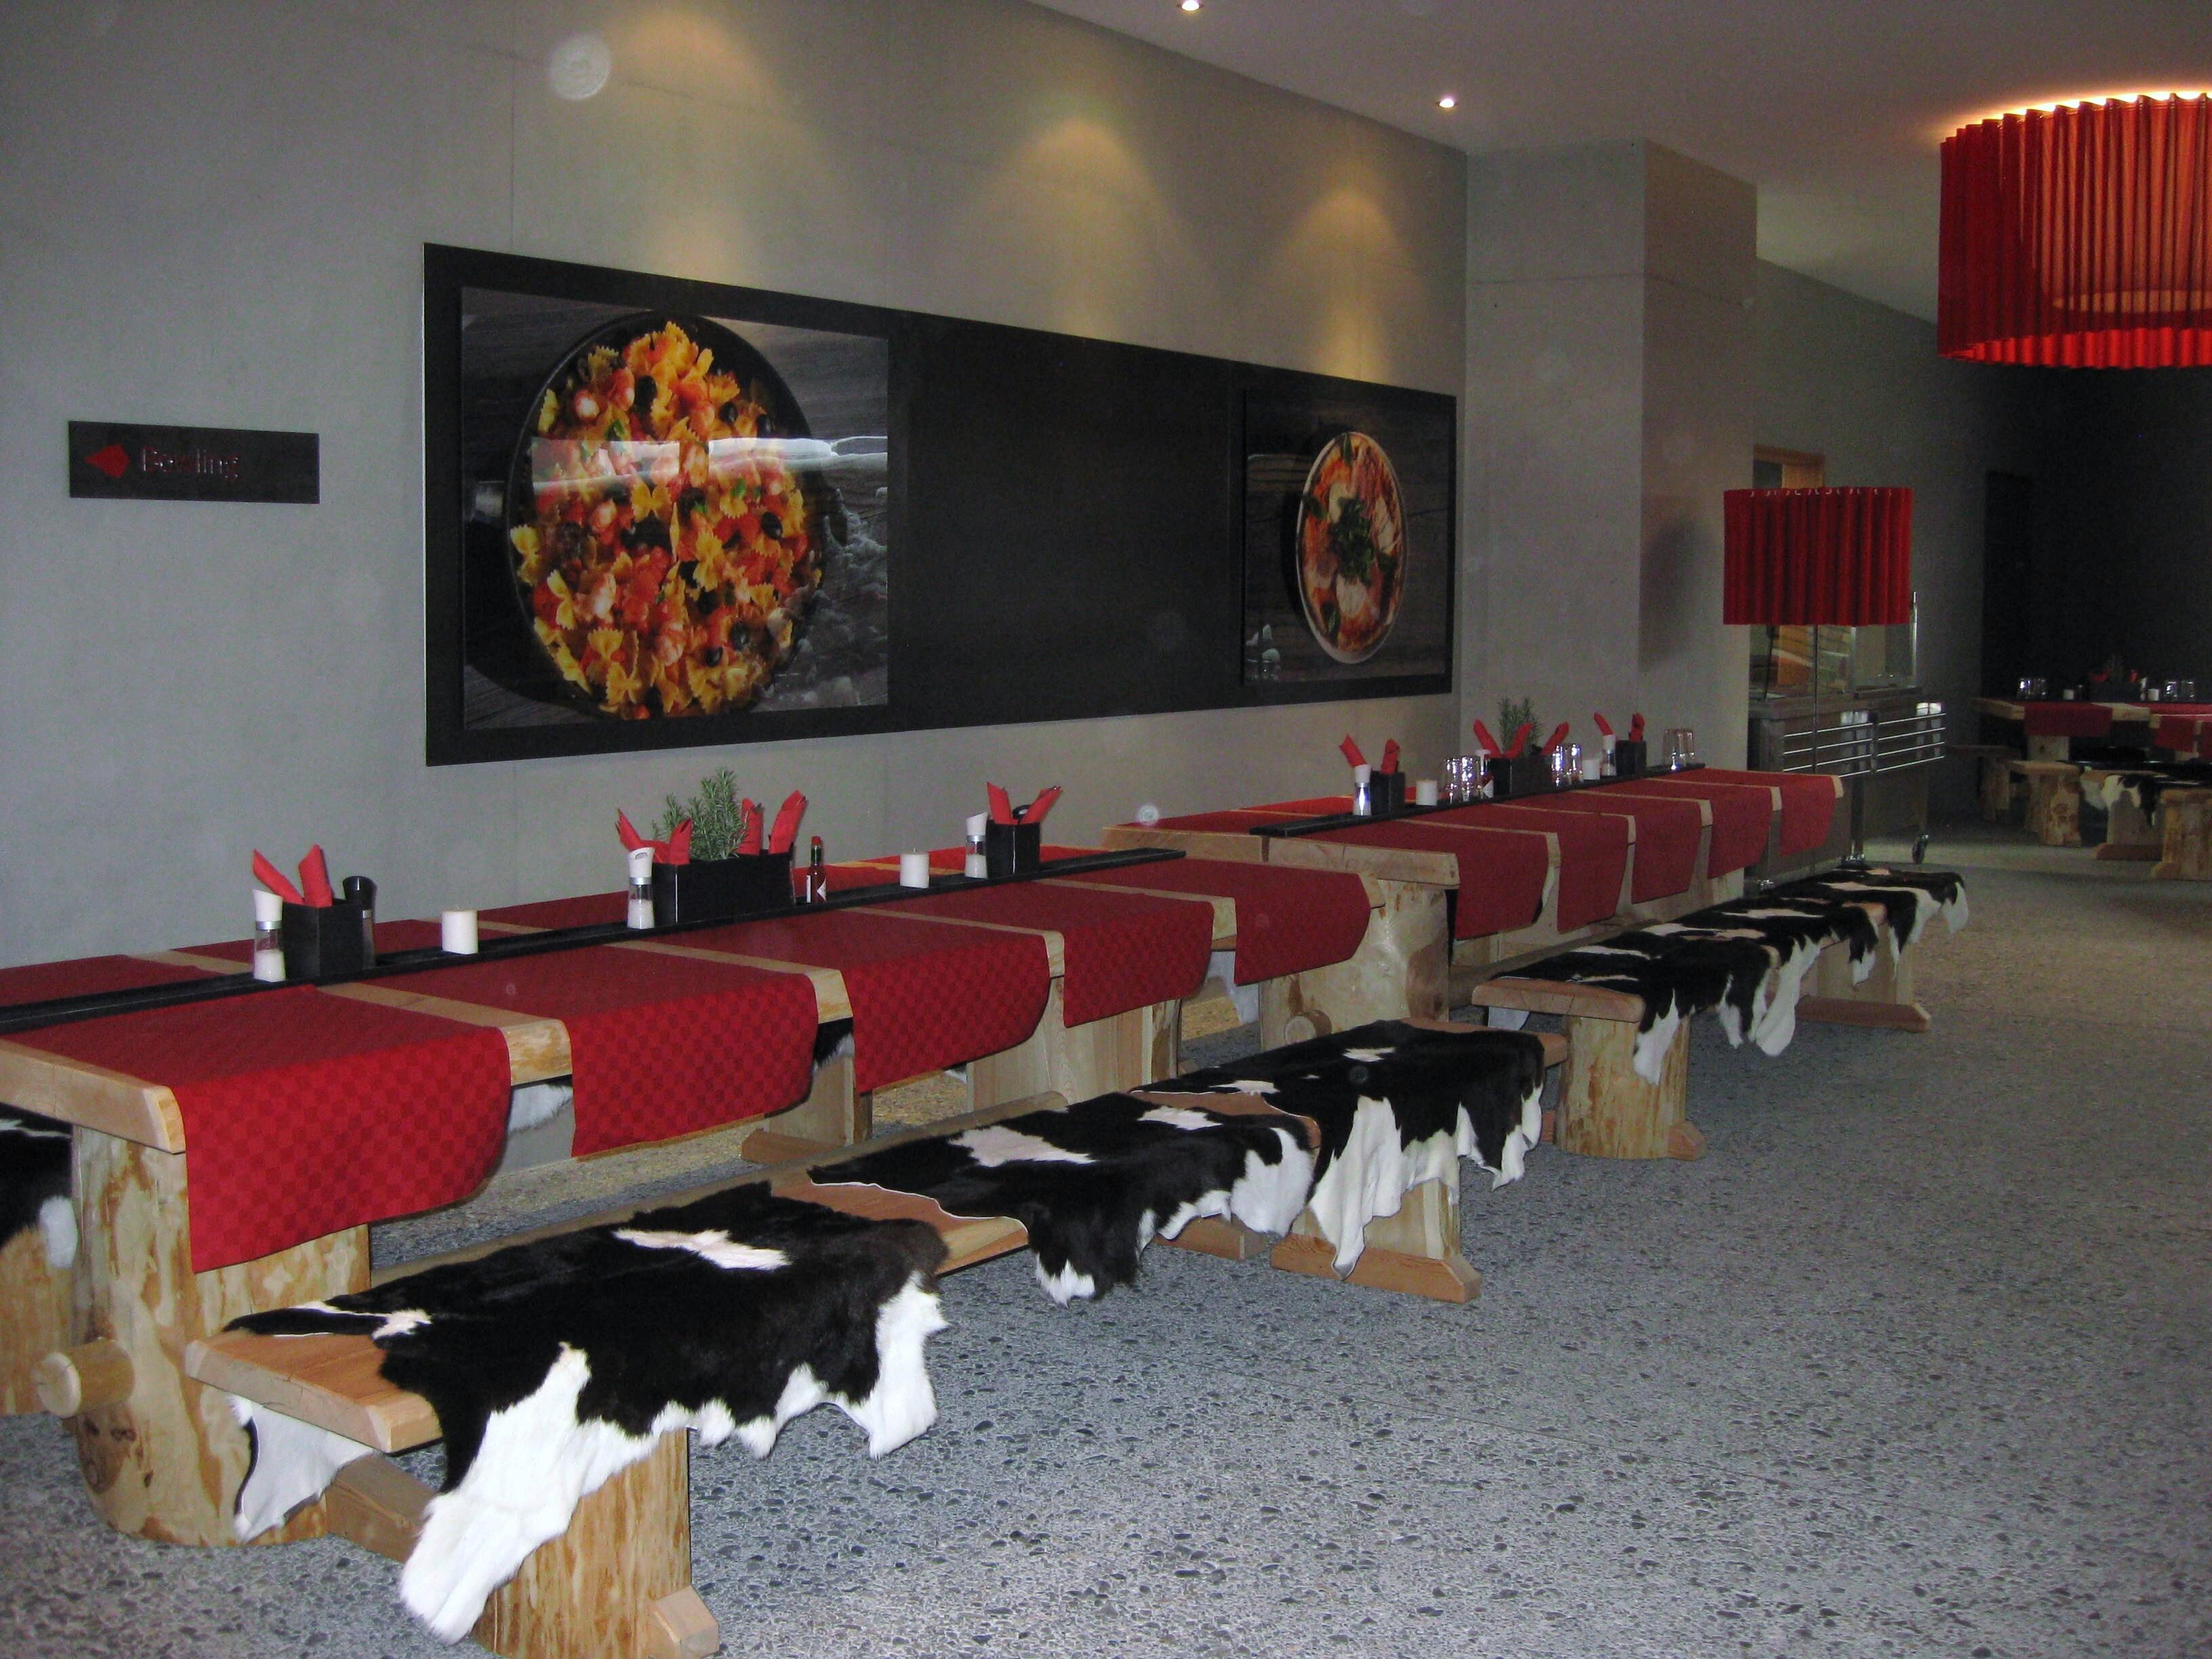 Restaurant Serlas Slide 2